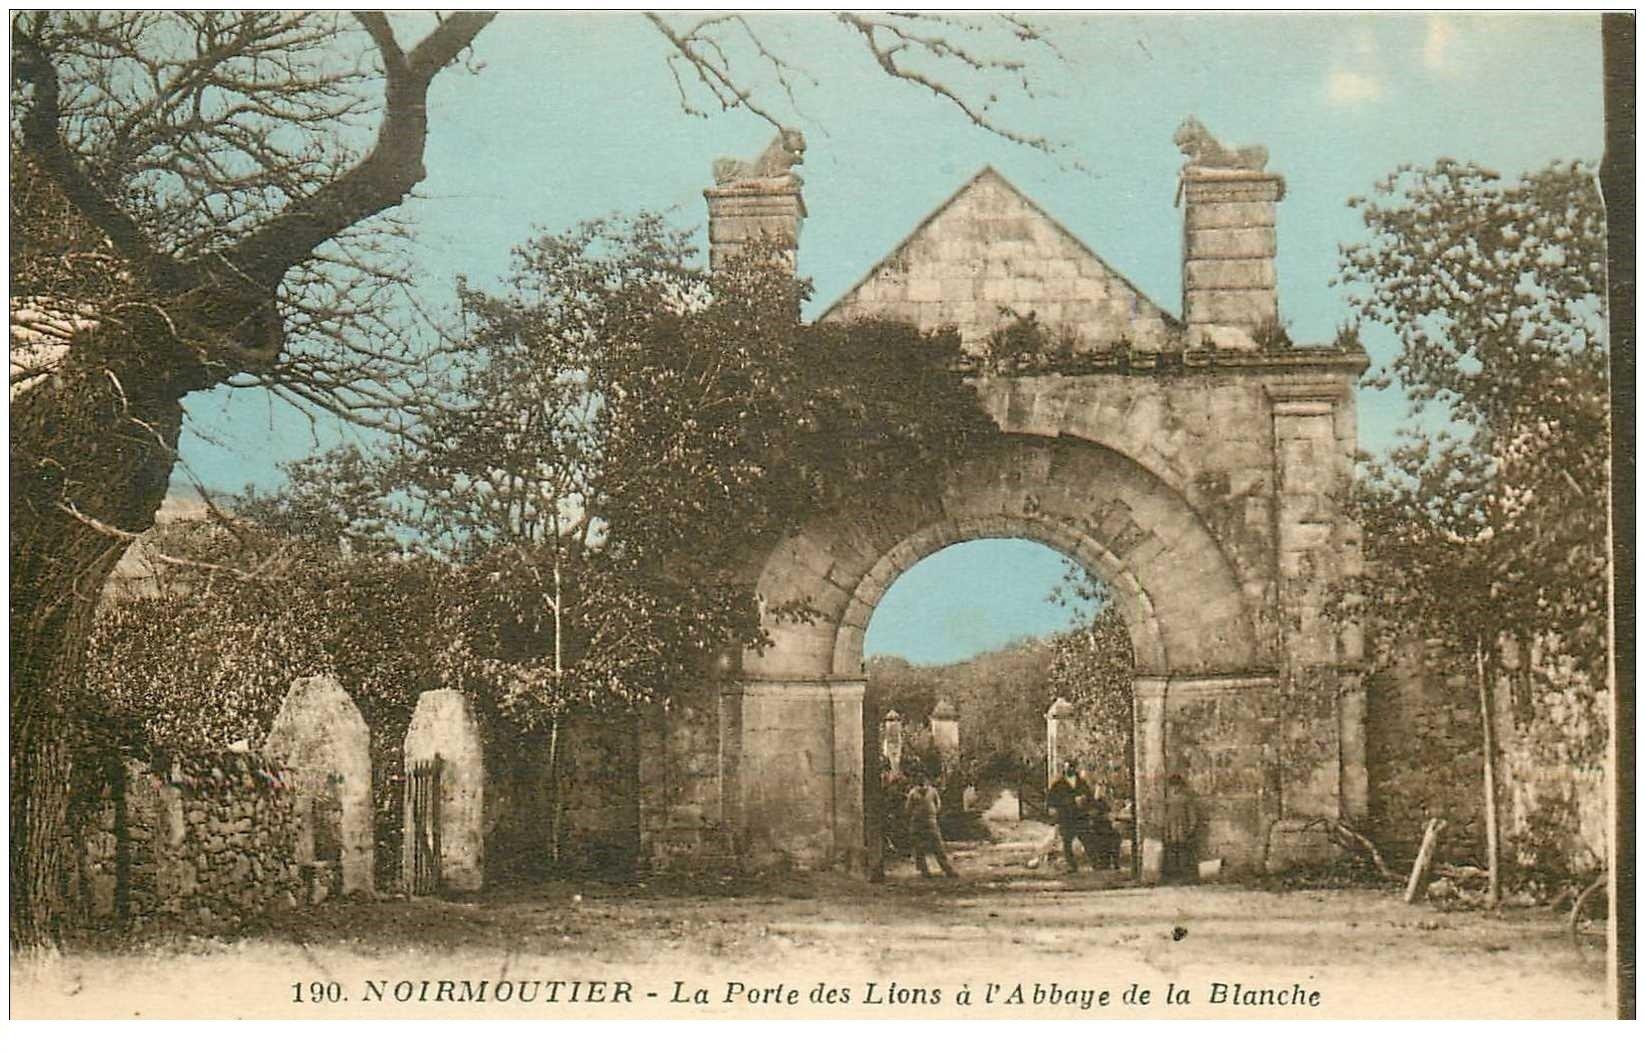 85 ile de noirmoutier porte des lions abbaye de la blanche - La balnche porte ...